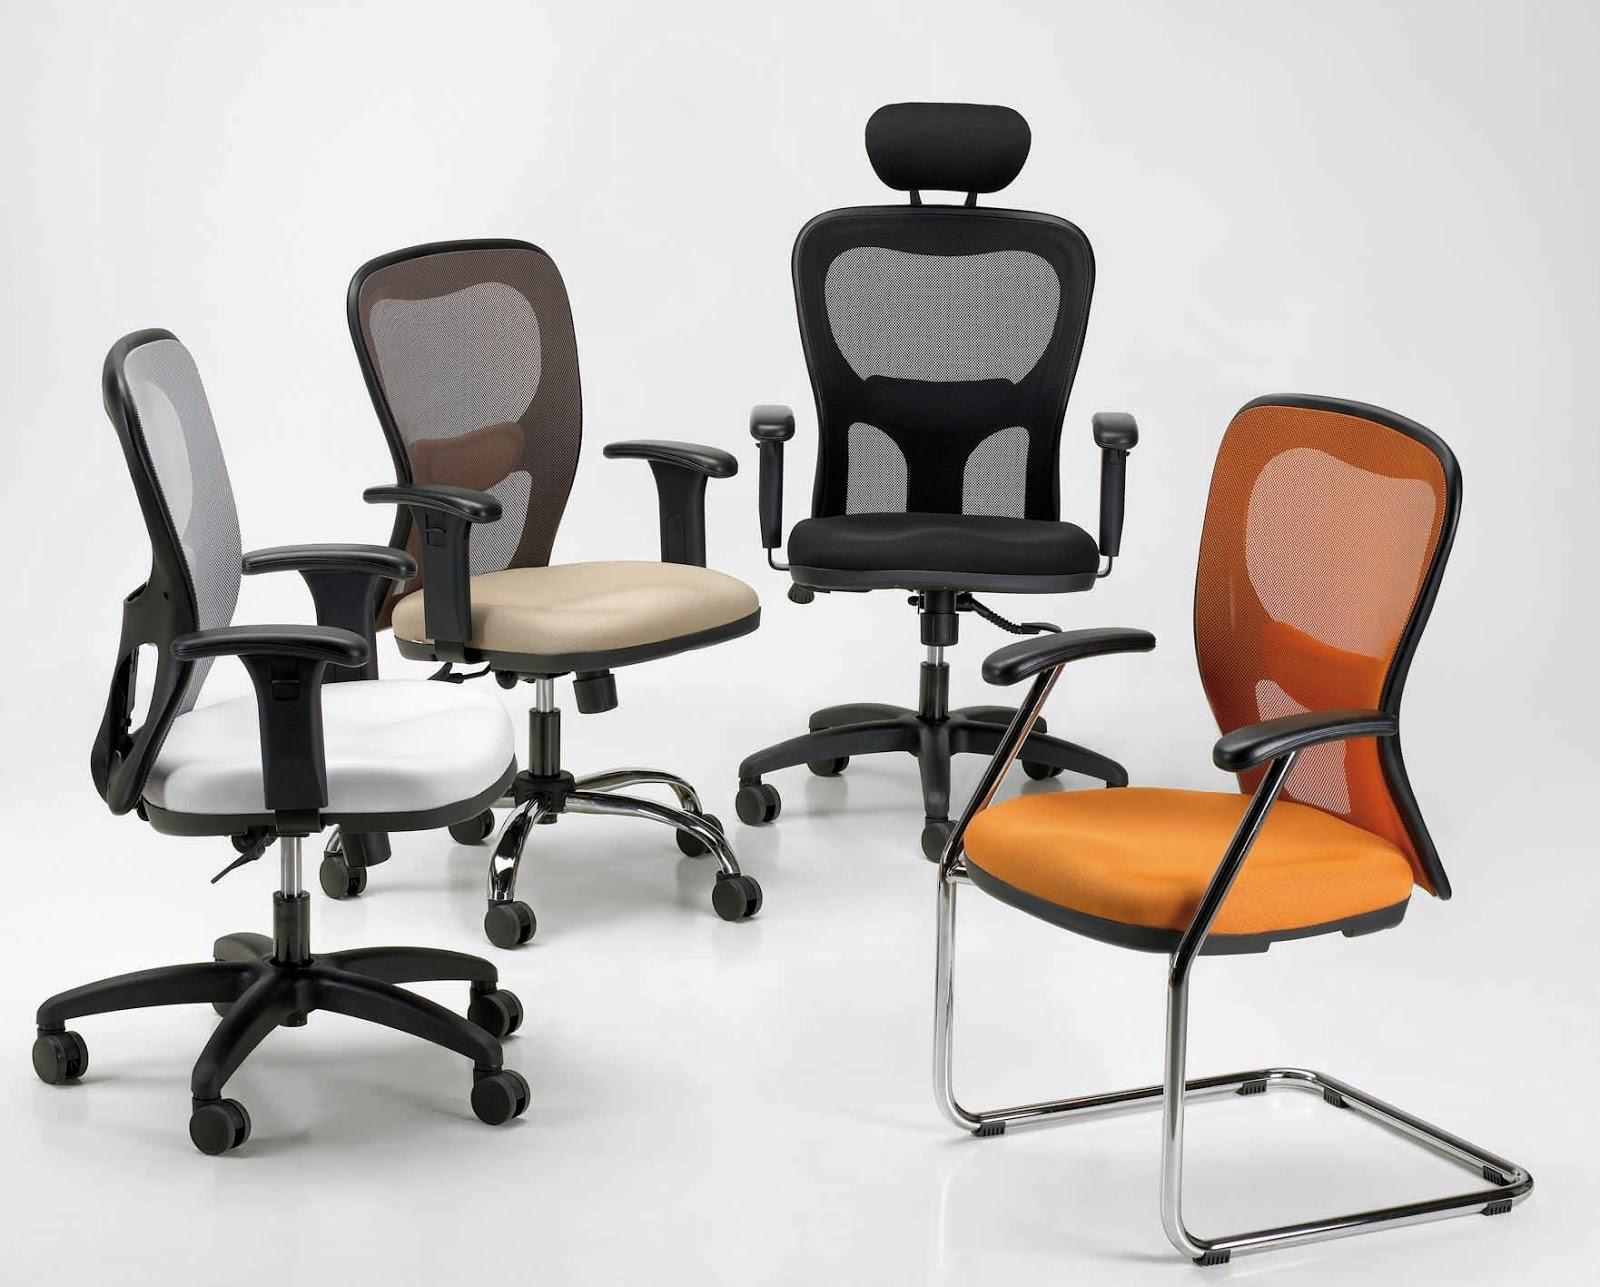 Rodriguez e hijo muebles para oficina y empresas for Empresas de muebles para oficina